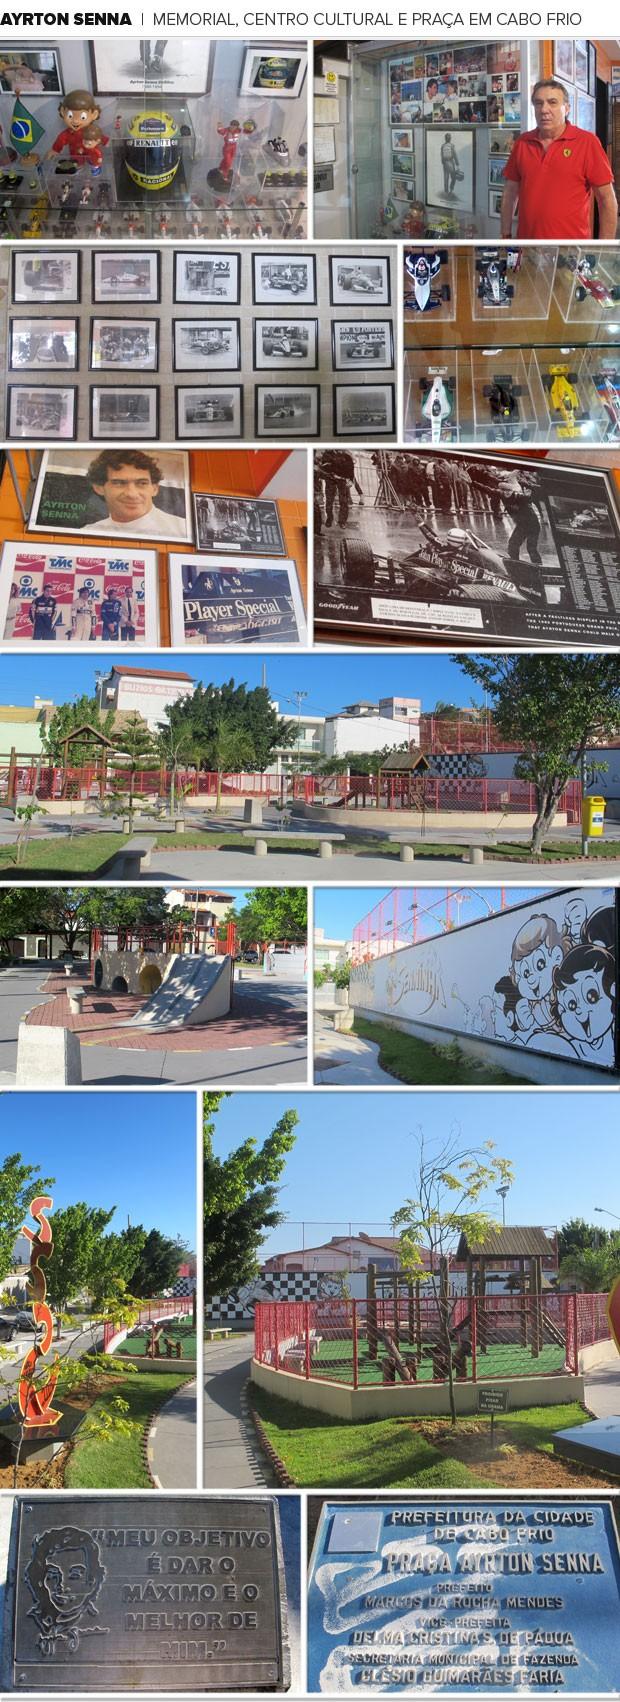 Mosaico - Ayrton Senna Memorial Praça Cabo Frio (Foto: Gabriel Fricke)